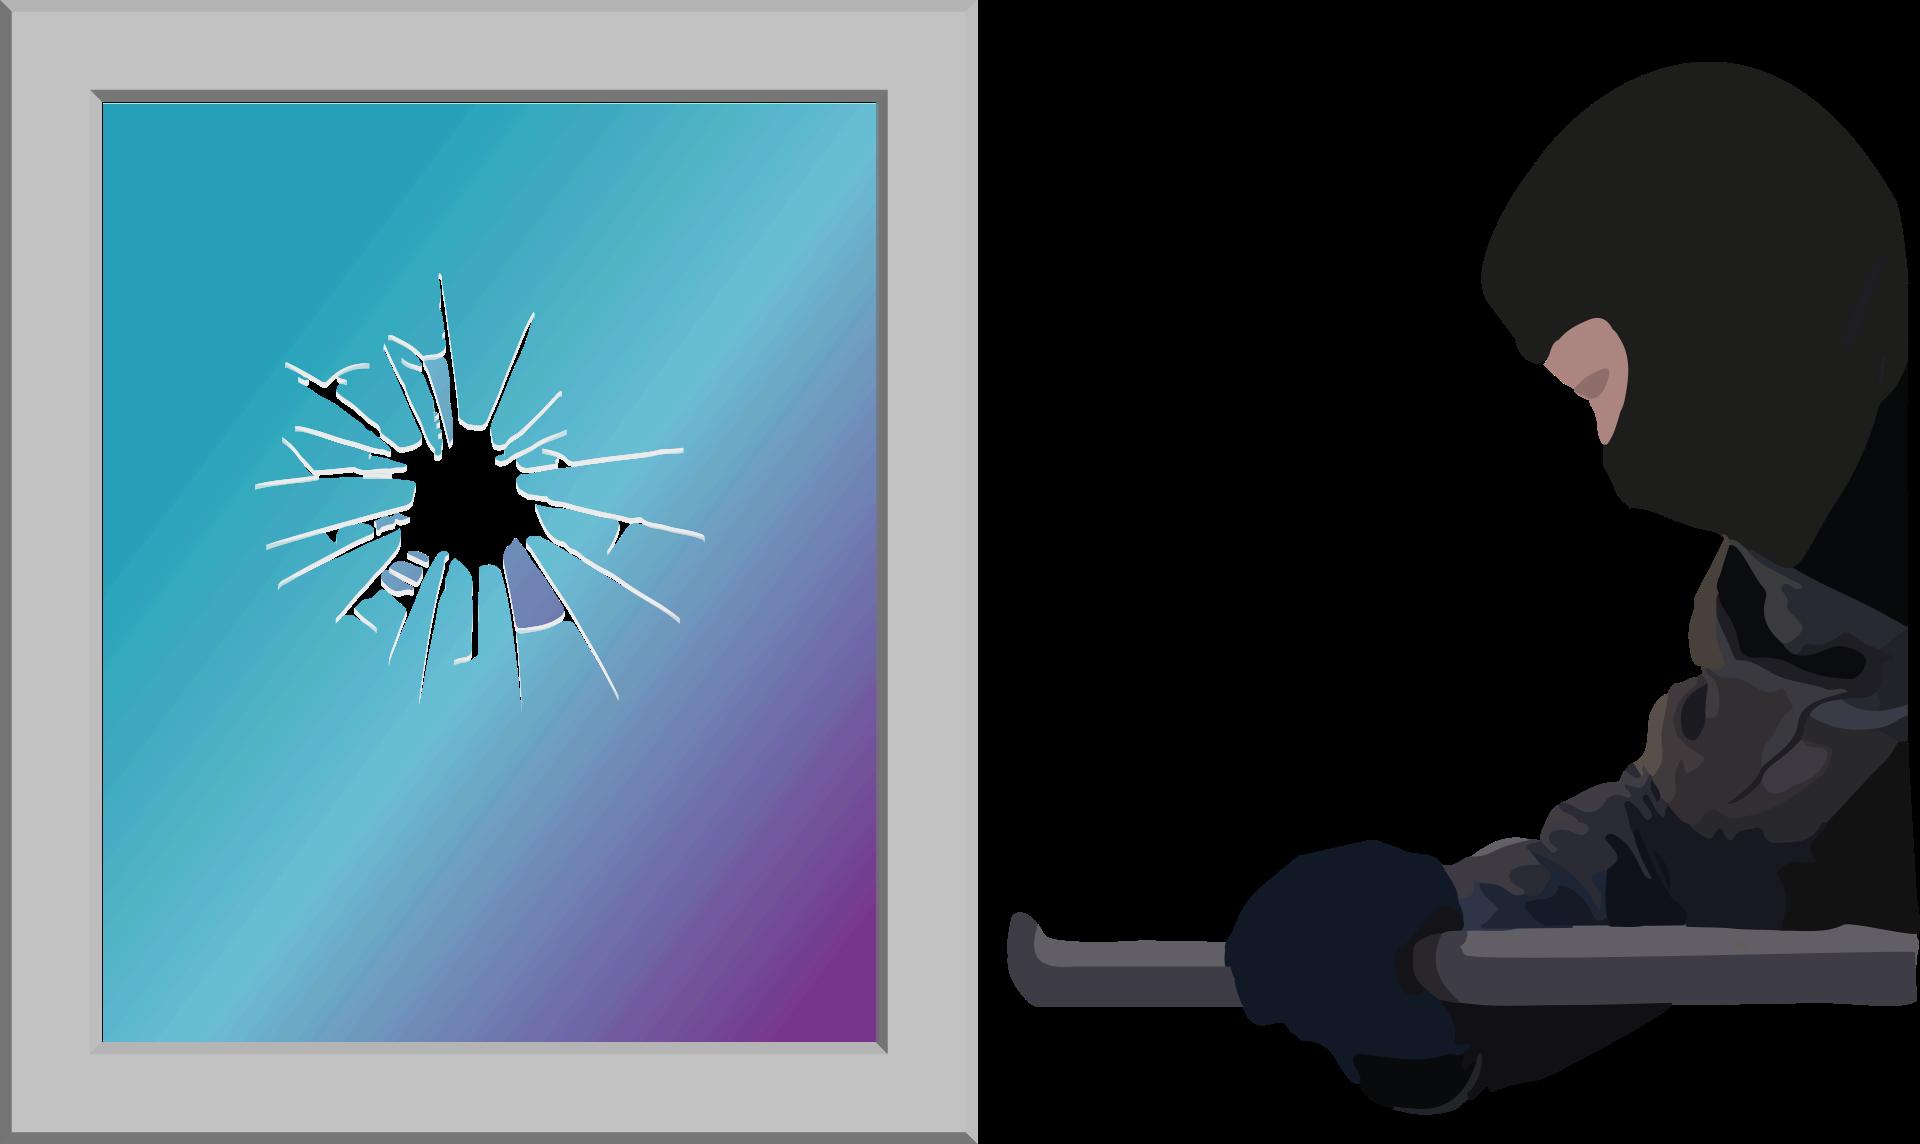 Full Size of Einbruchschutz Fenstern Nachrsten Felux Fenster Insektenschutz Alarmanlage Velux Preise Reinigen Schüko Sichtschutz Für Rc 2 Meeth Nachrüsten Beleuchtung Fenster Fenster Einbruchsicher Nachrüsten